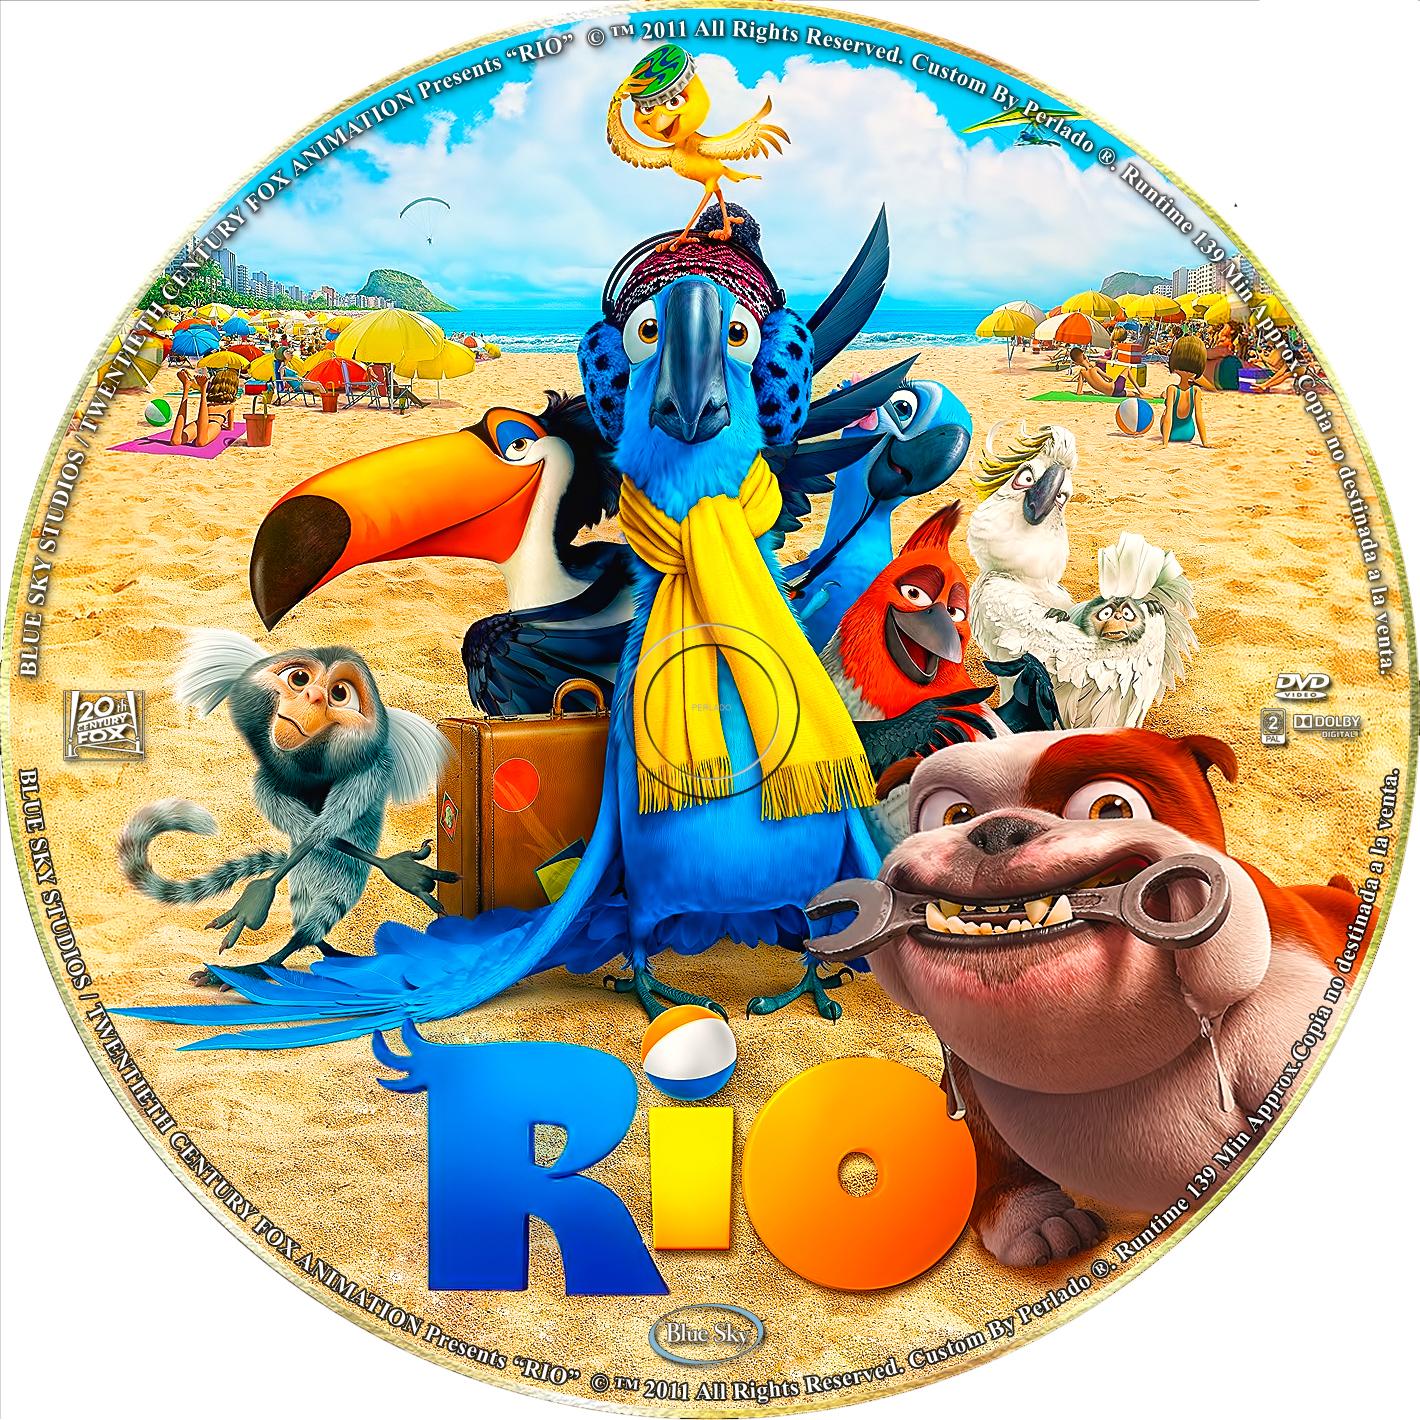 Rio DVD Cover